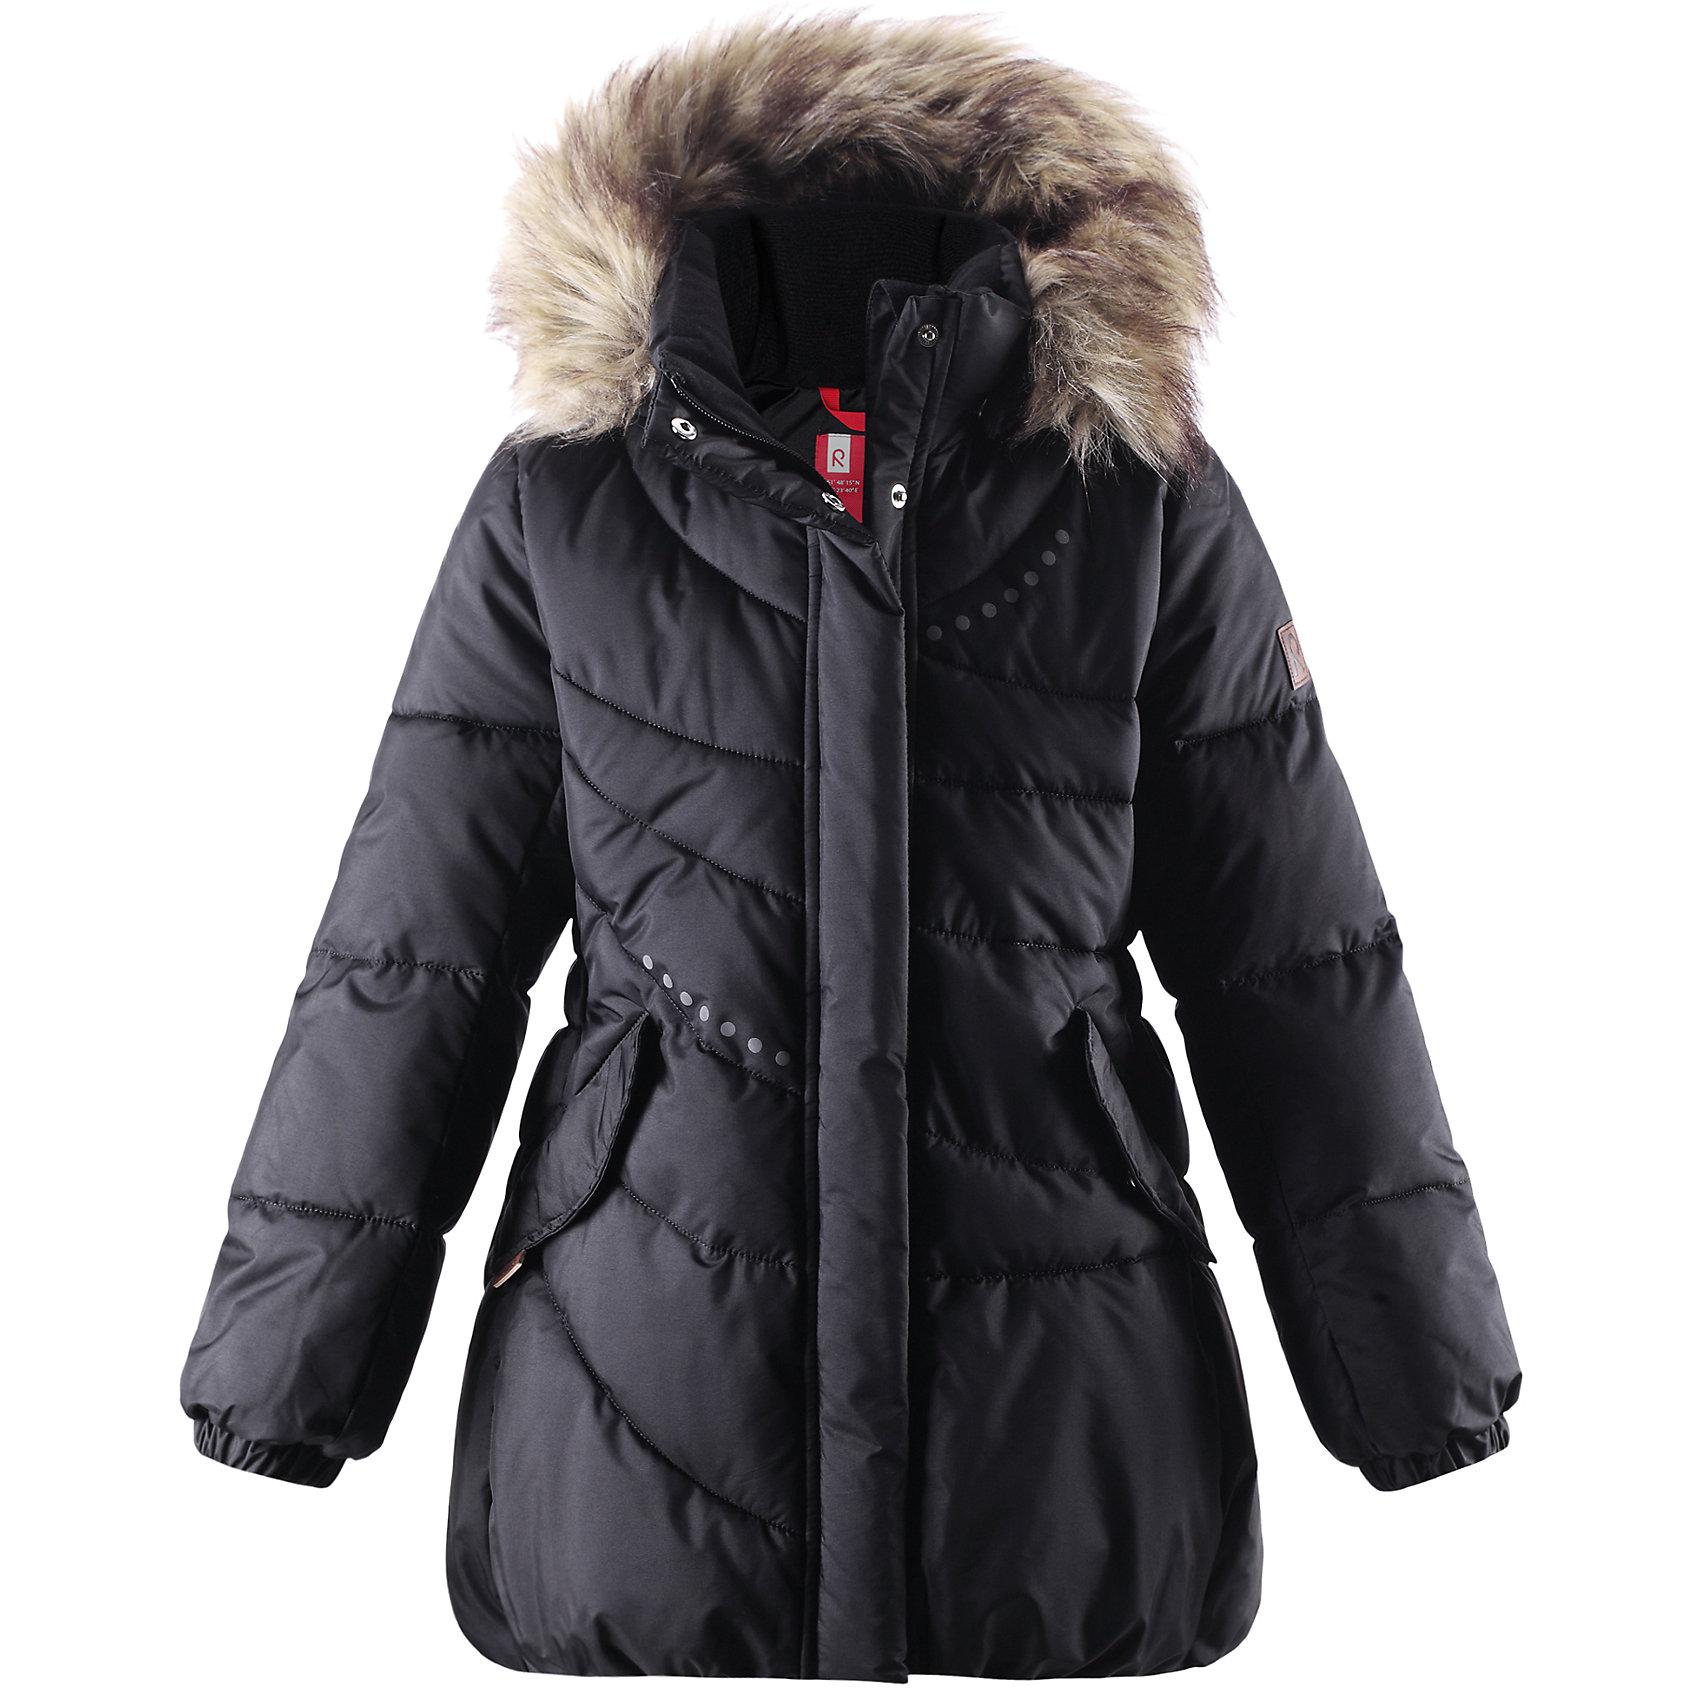 Пальто для девочки ReimaВ морозные зимние дни без пуха не обойтись! Этот красивый пуховик для девочек имеет слегка удлинённый покрой и капюшон, украшенный стильным отстёгивающимся искусственным мехом. Пуховик пошит из ветронепроницаемого дышащего материала, который отталкивает воду и грязь, чтобы обеспечить тепло и комфорт в морозные зимние дни. Гладкая подкладка из полиэстера облегчает процесс одевания и удобно носится с тёплыми промежуточными слоями. Эта элегантная модель украшена эластичным кантом сзади на талии и стильной асимметричной строчкой, а декоративные отражающие детали придают изюминку этому зимнему пуховику. Съёмный и регулируемый капюшон не только защищает от холодного ветра, но и безопасен во время игр на свежем воздухе. Если закреплённый кнопками капюшон зацепится за что-нибудь, он легко отстегнётся.<br><br>Тёплое водоотталкивающее пальто для девочки-подростка<br>Безопасный съёмный капюшон с отстёгивающейся отделкой из искусственного меха<br>Эластичный кант сзади на талии <br>Два боковых кармана с клапанами<br>Состав:<br>55% ПА 45% ПЭ, ПУ-покрытие<br>Средняя степень утепления (до - 20)<br><br>Пальто для девочки Reima (Рейма) можно купить в нашем магазине.<br><br>Ширина мм: 356<br>Глубина мм: 10<br>Высота мм: 245<br>Вес г: 519<br>Цвет: черный<br>Возраст от месяцев: 72<br>Возраст до месяцев: 84<br>Пол: Женский<br>Возраст: Детский<br>Размер: 122,158,152,146,134,164,116,110,104,128,140<br>SKU: 4208970